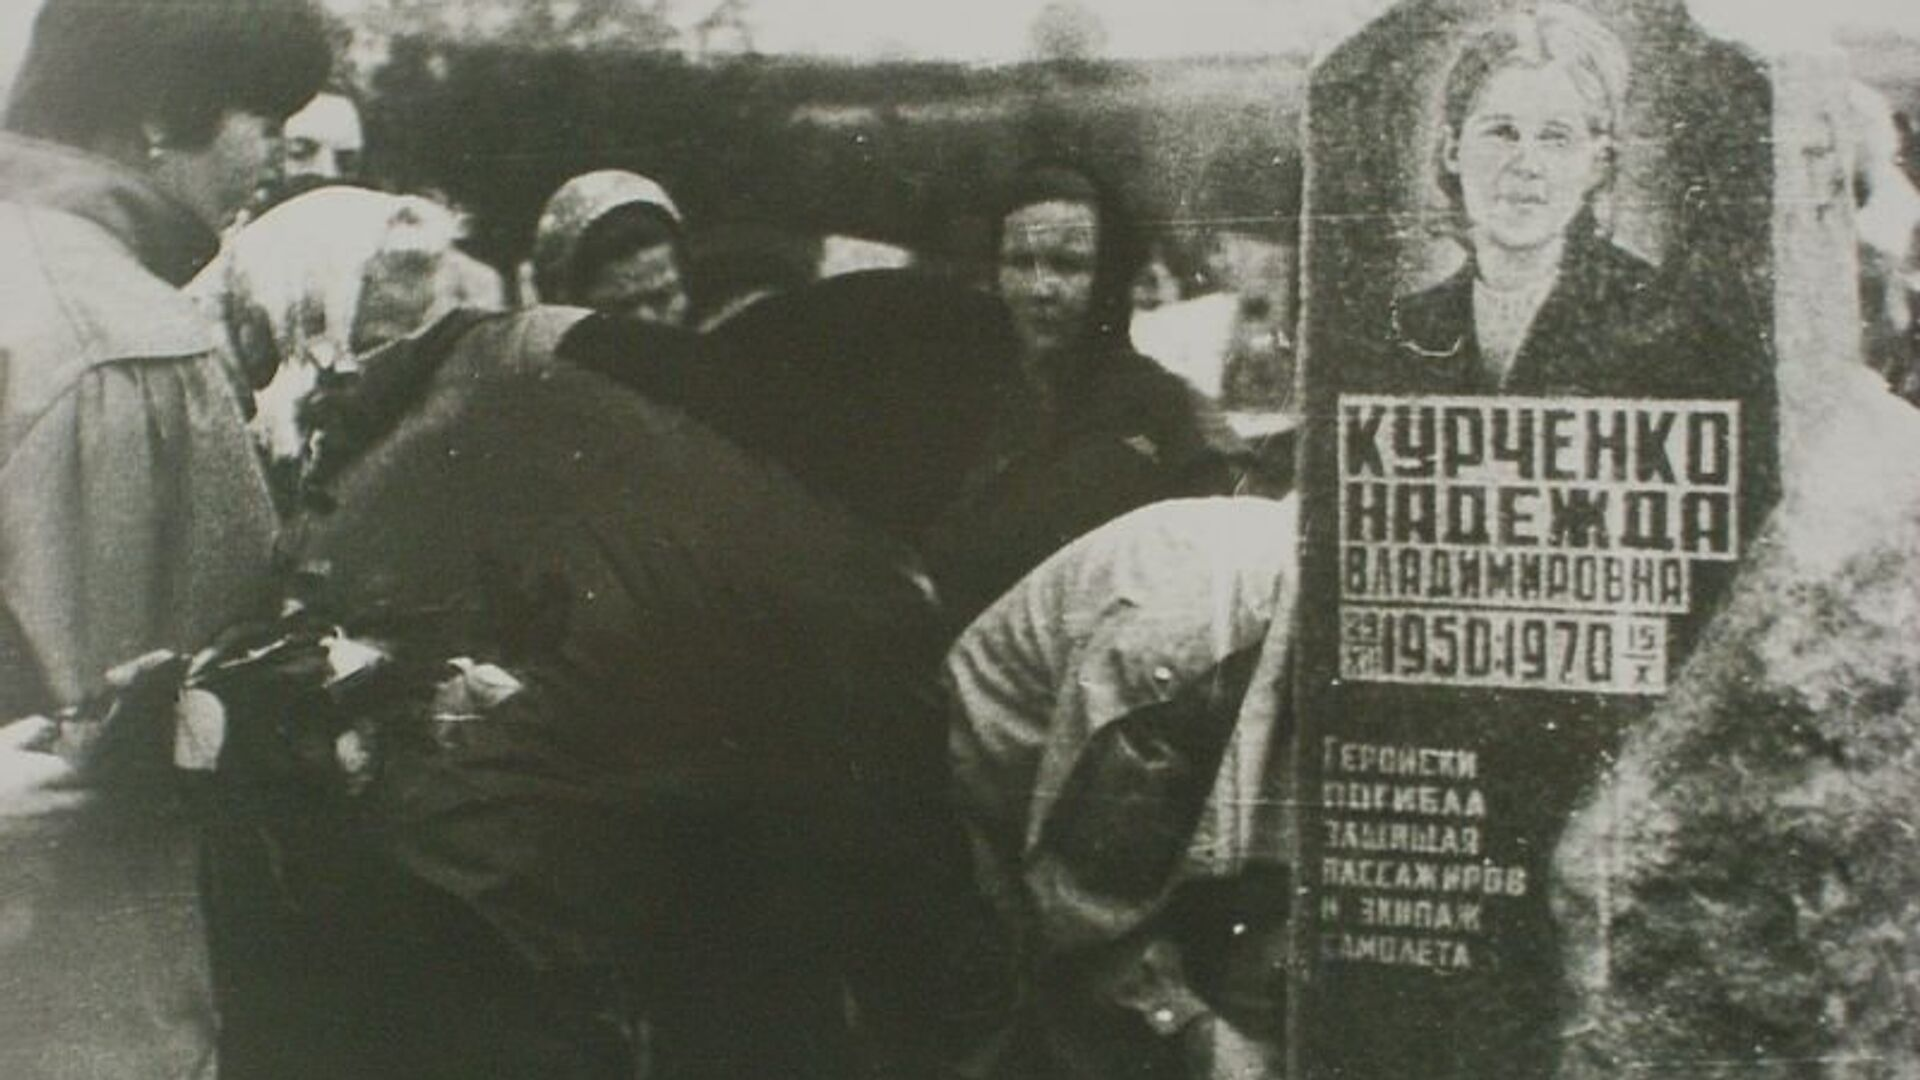 Похороны Надежды Курченко, погибшей во время захвата авиалайнера АН‑24 в 1970 - РИА Новости, 1920, 15.10.2020